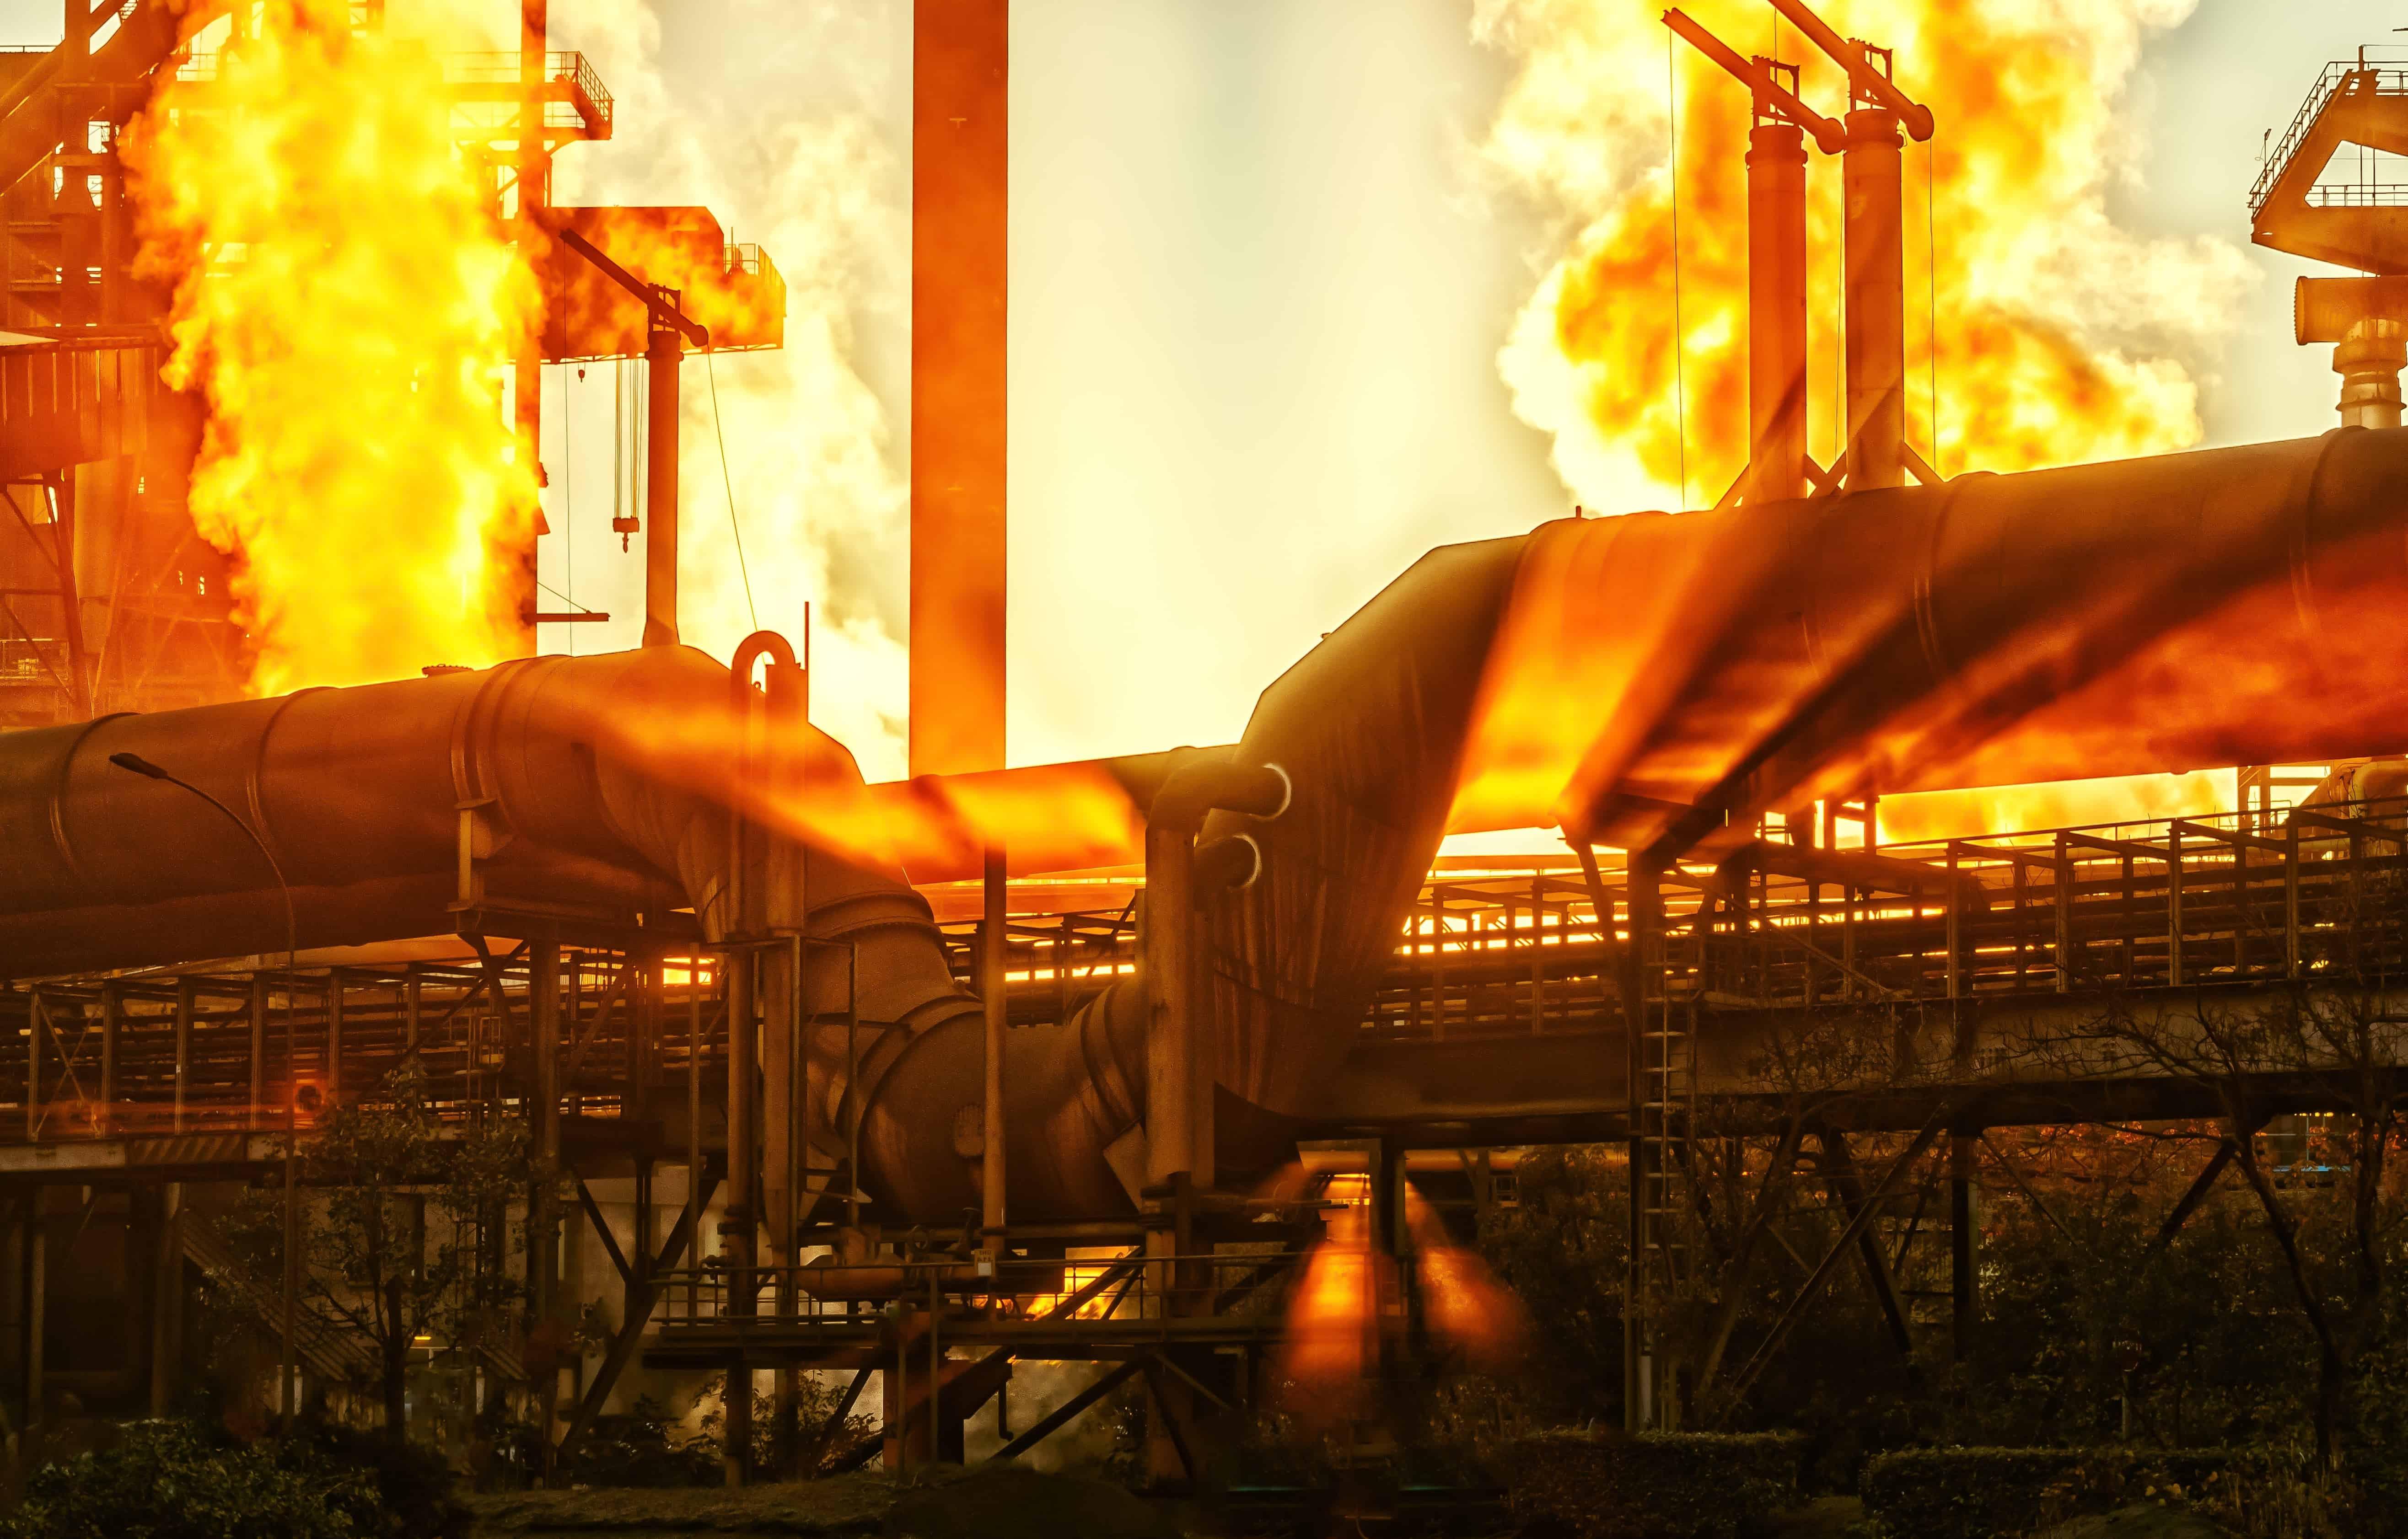 Wärme, Treibstoff, Rauch, Kohle, Energie, Industrie, Industrie, Fabrik